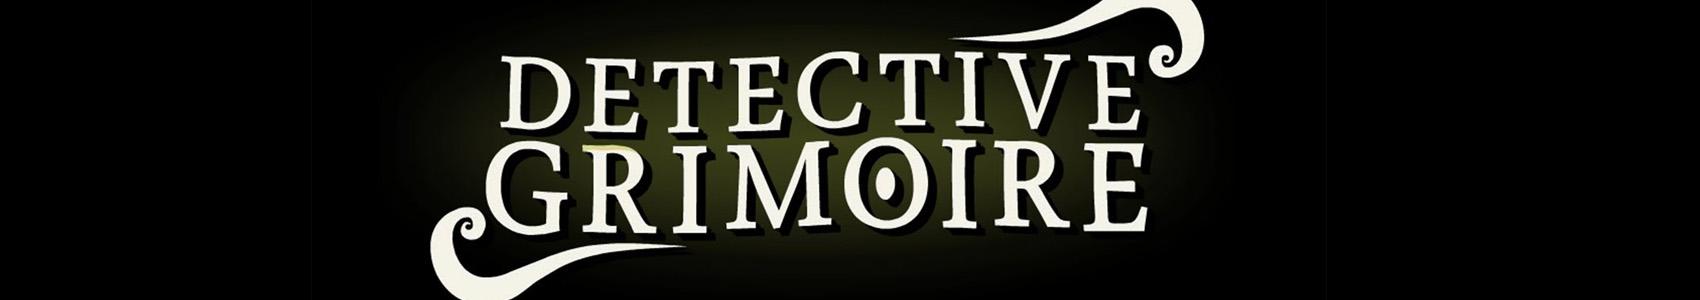 detectivw-grimoire-head